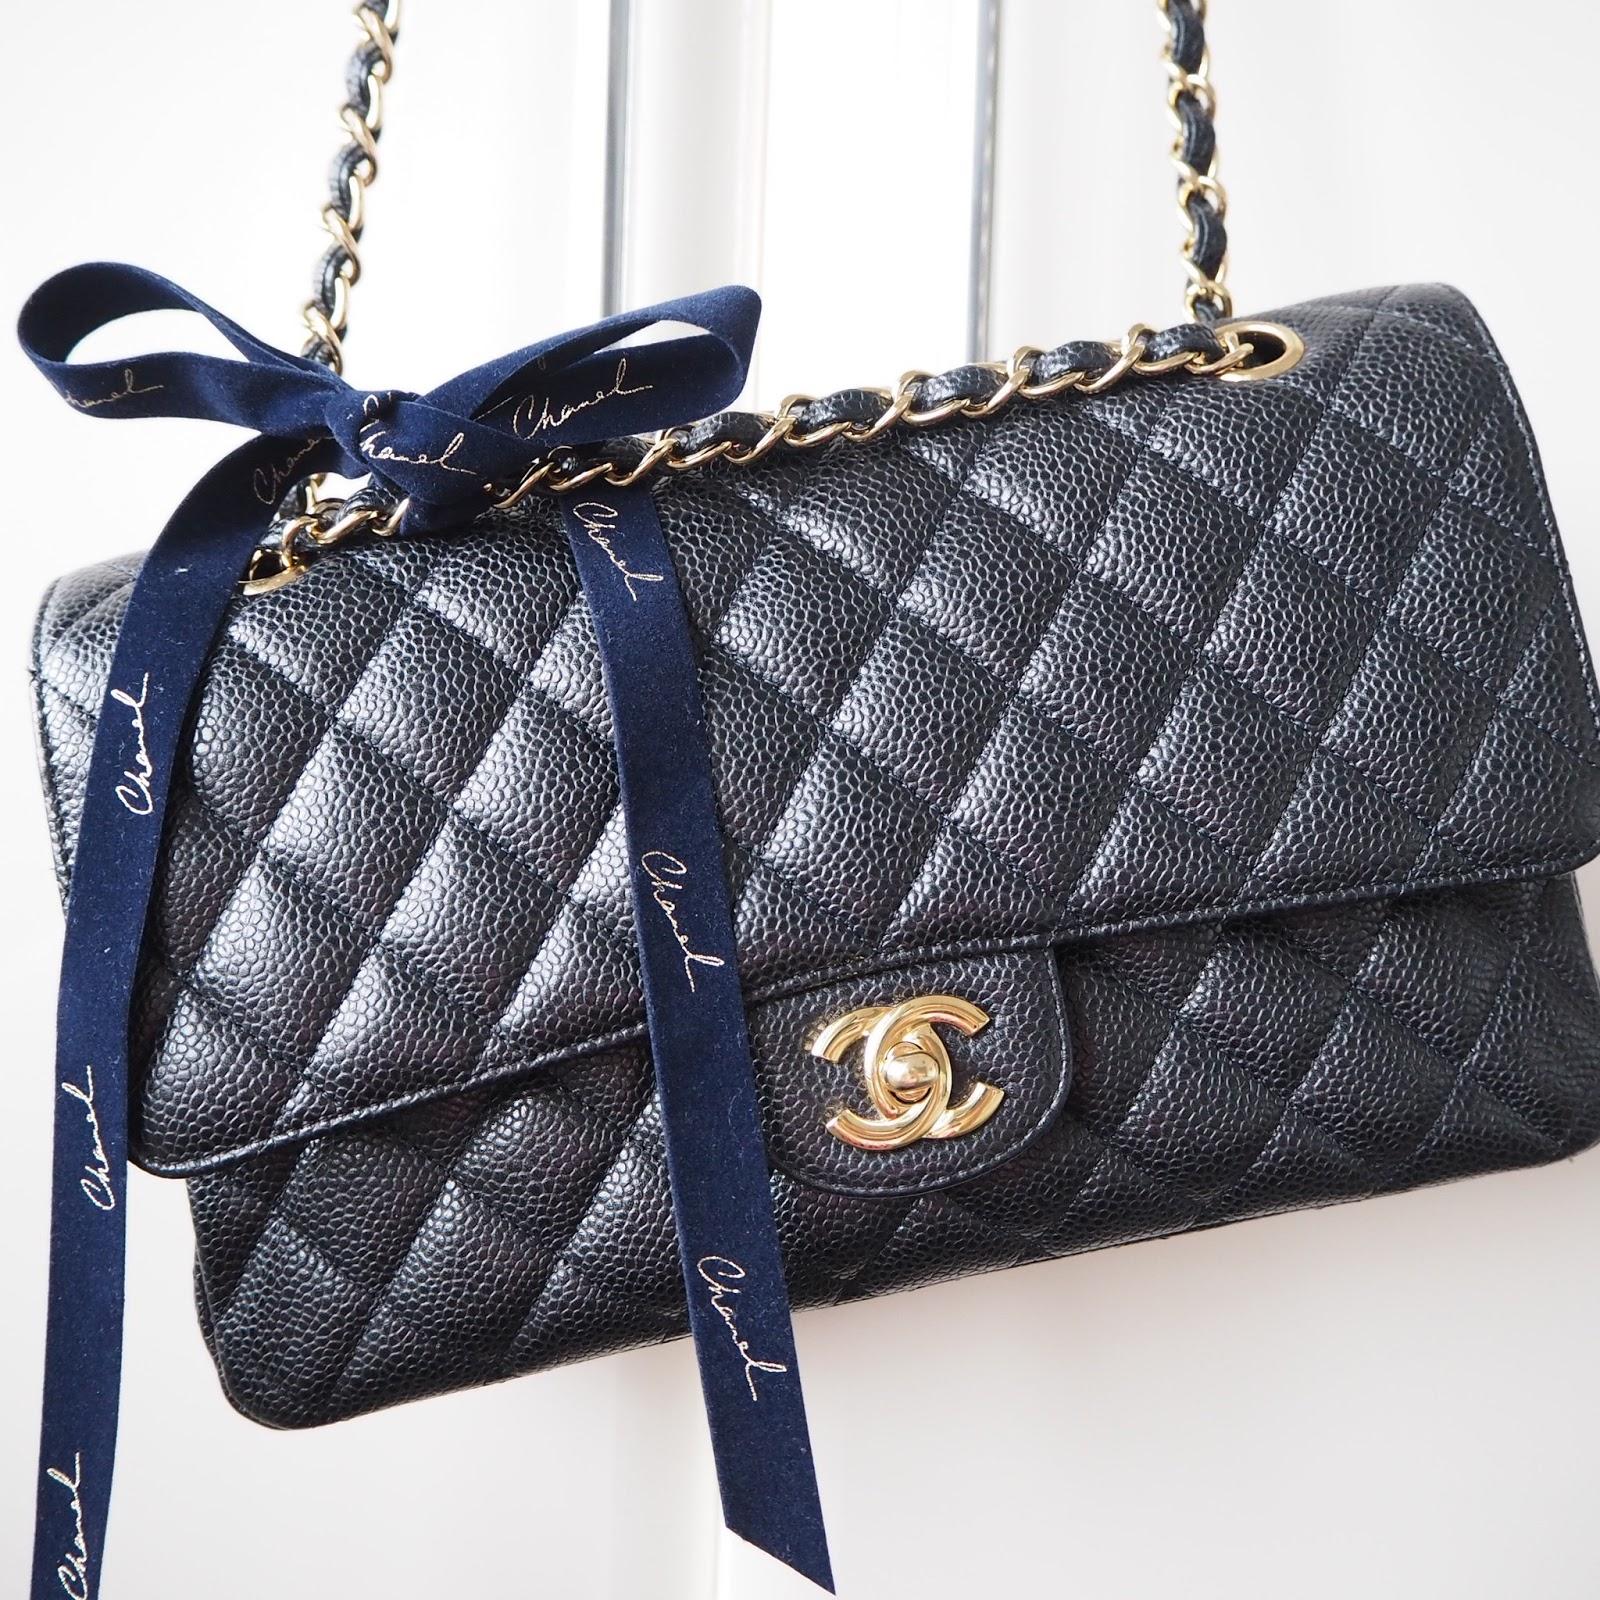 2c1c79134aec What Chanel Bag should I buy? | JemJemR Loves